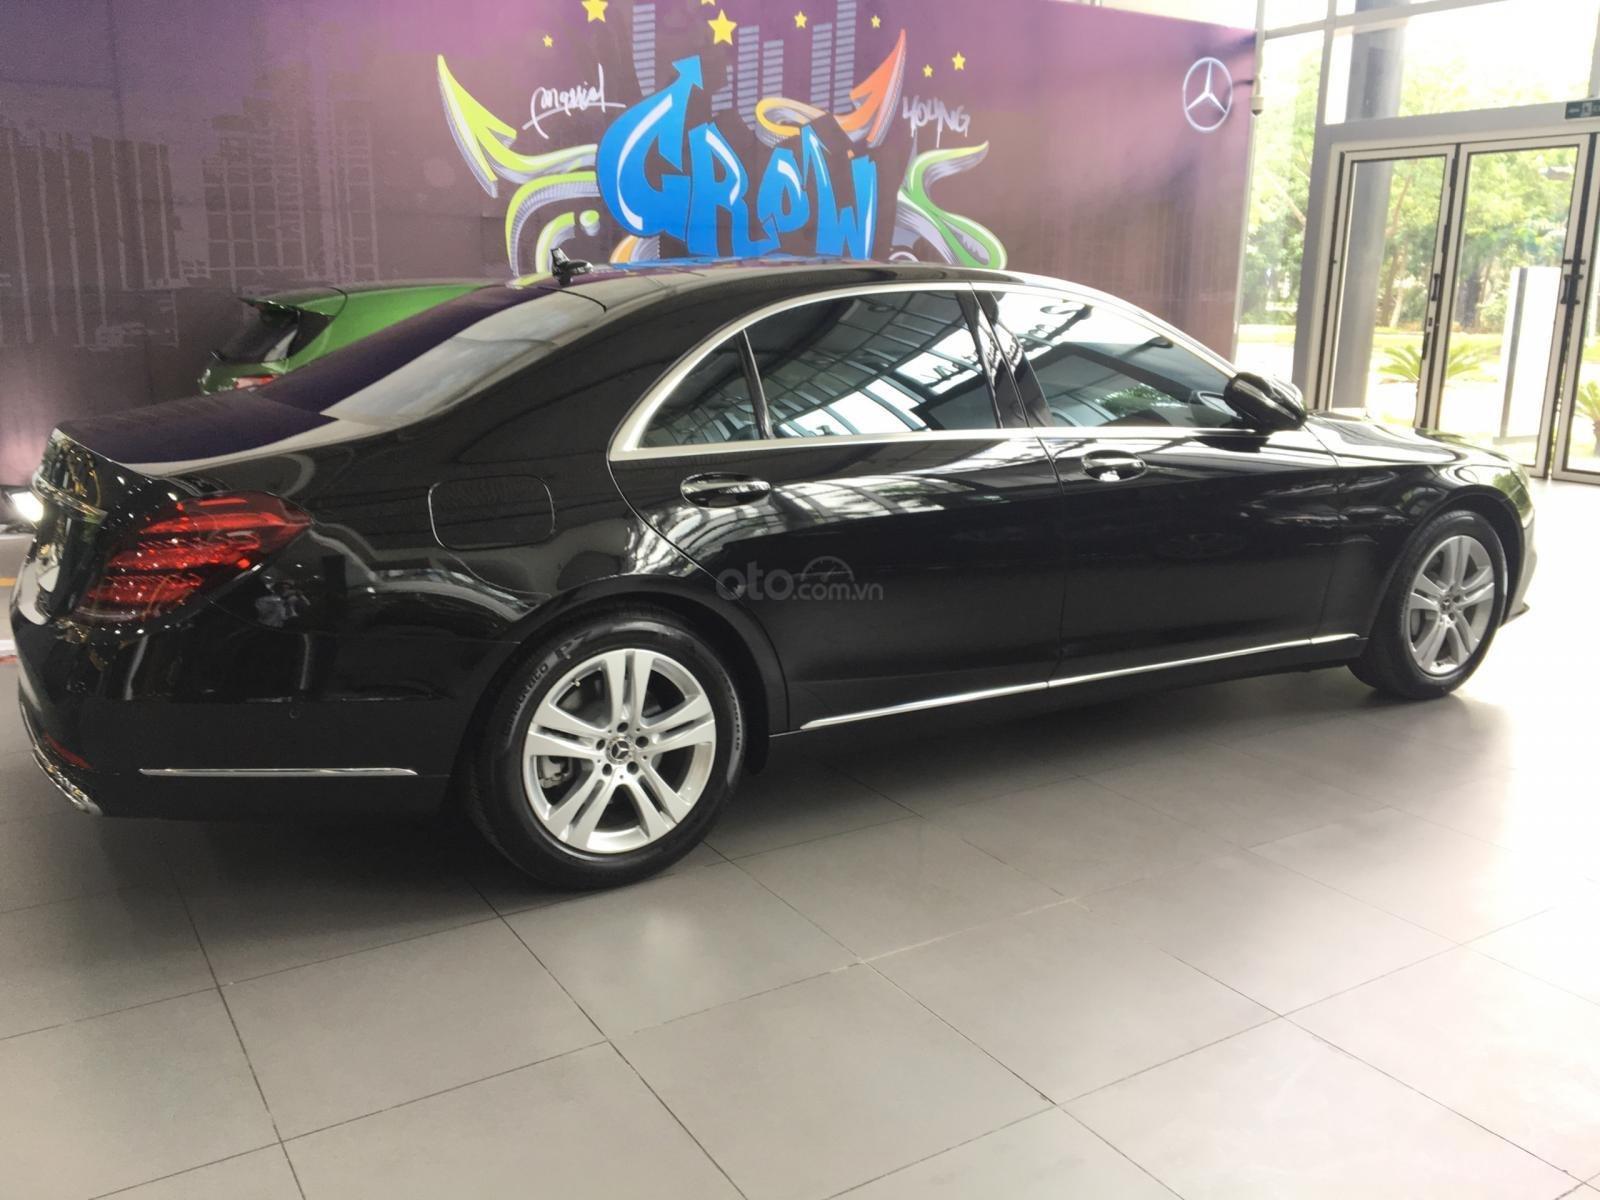 Giá bán và khuyến mãi Mercedes S450 sx 2019, giá lăn bánh, ưu đãi bảo hiểm và phụ kiện chính hãng (7)